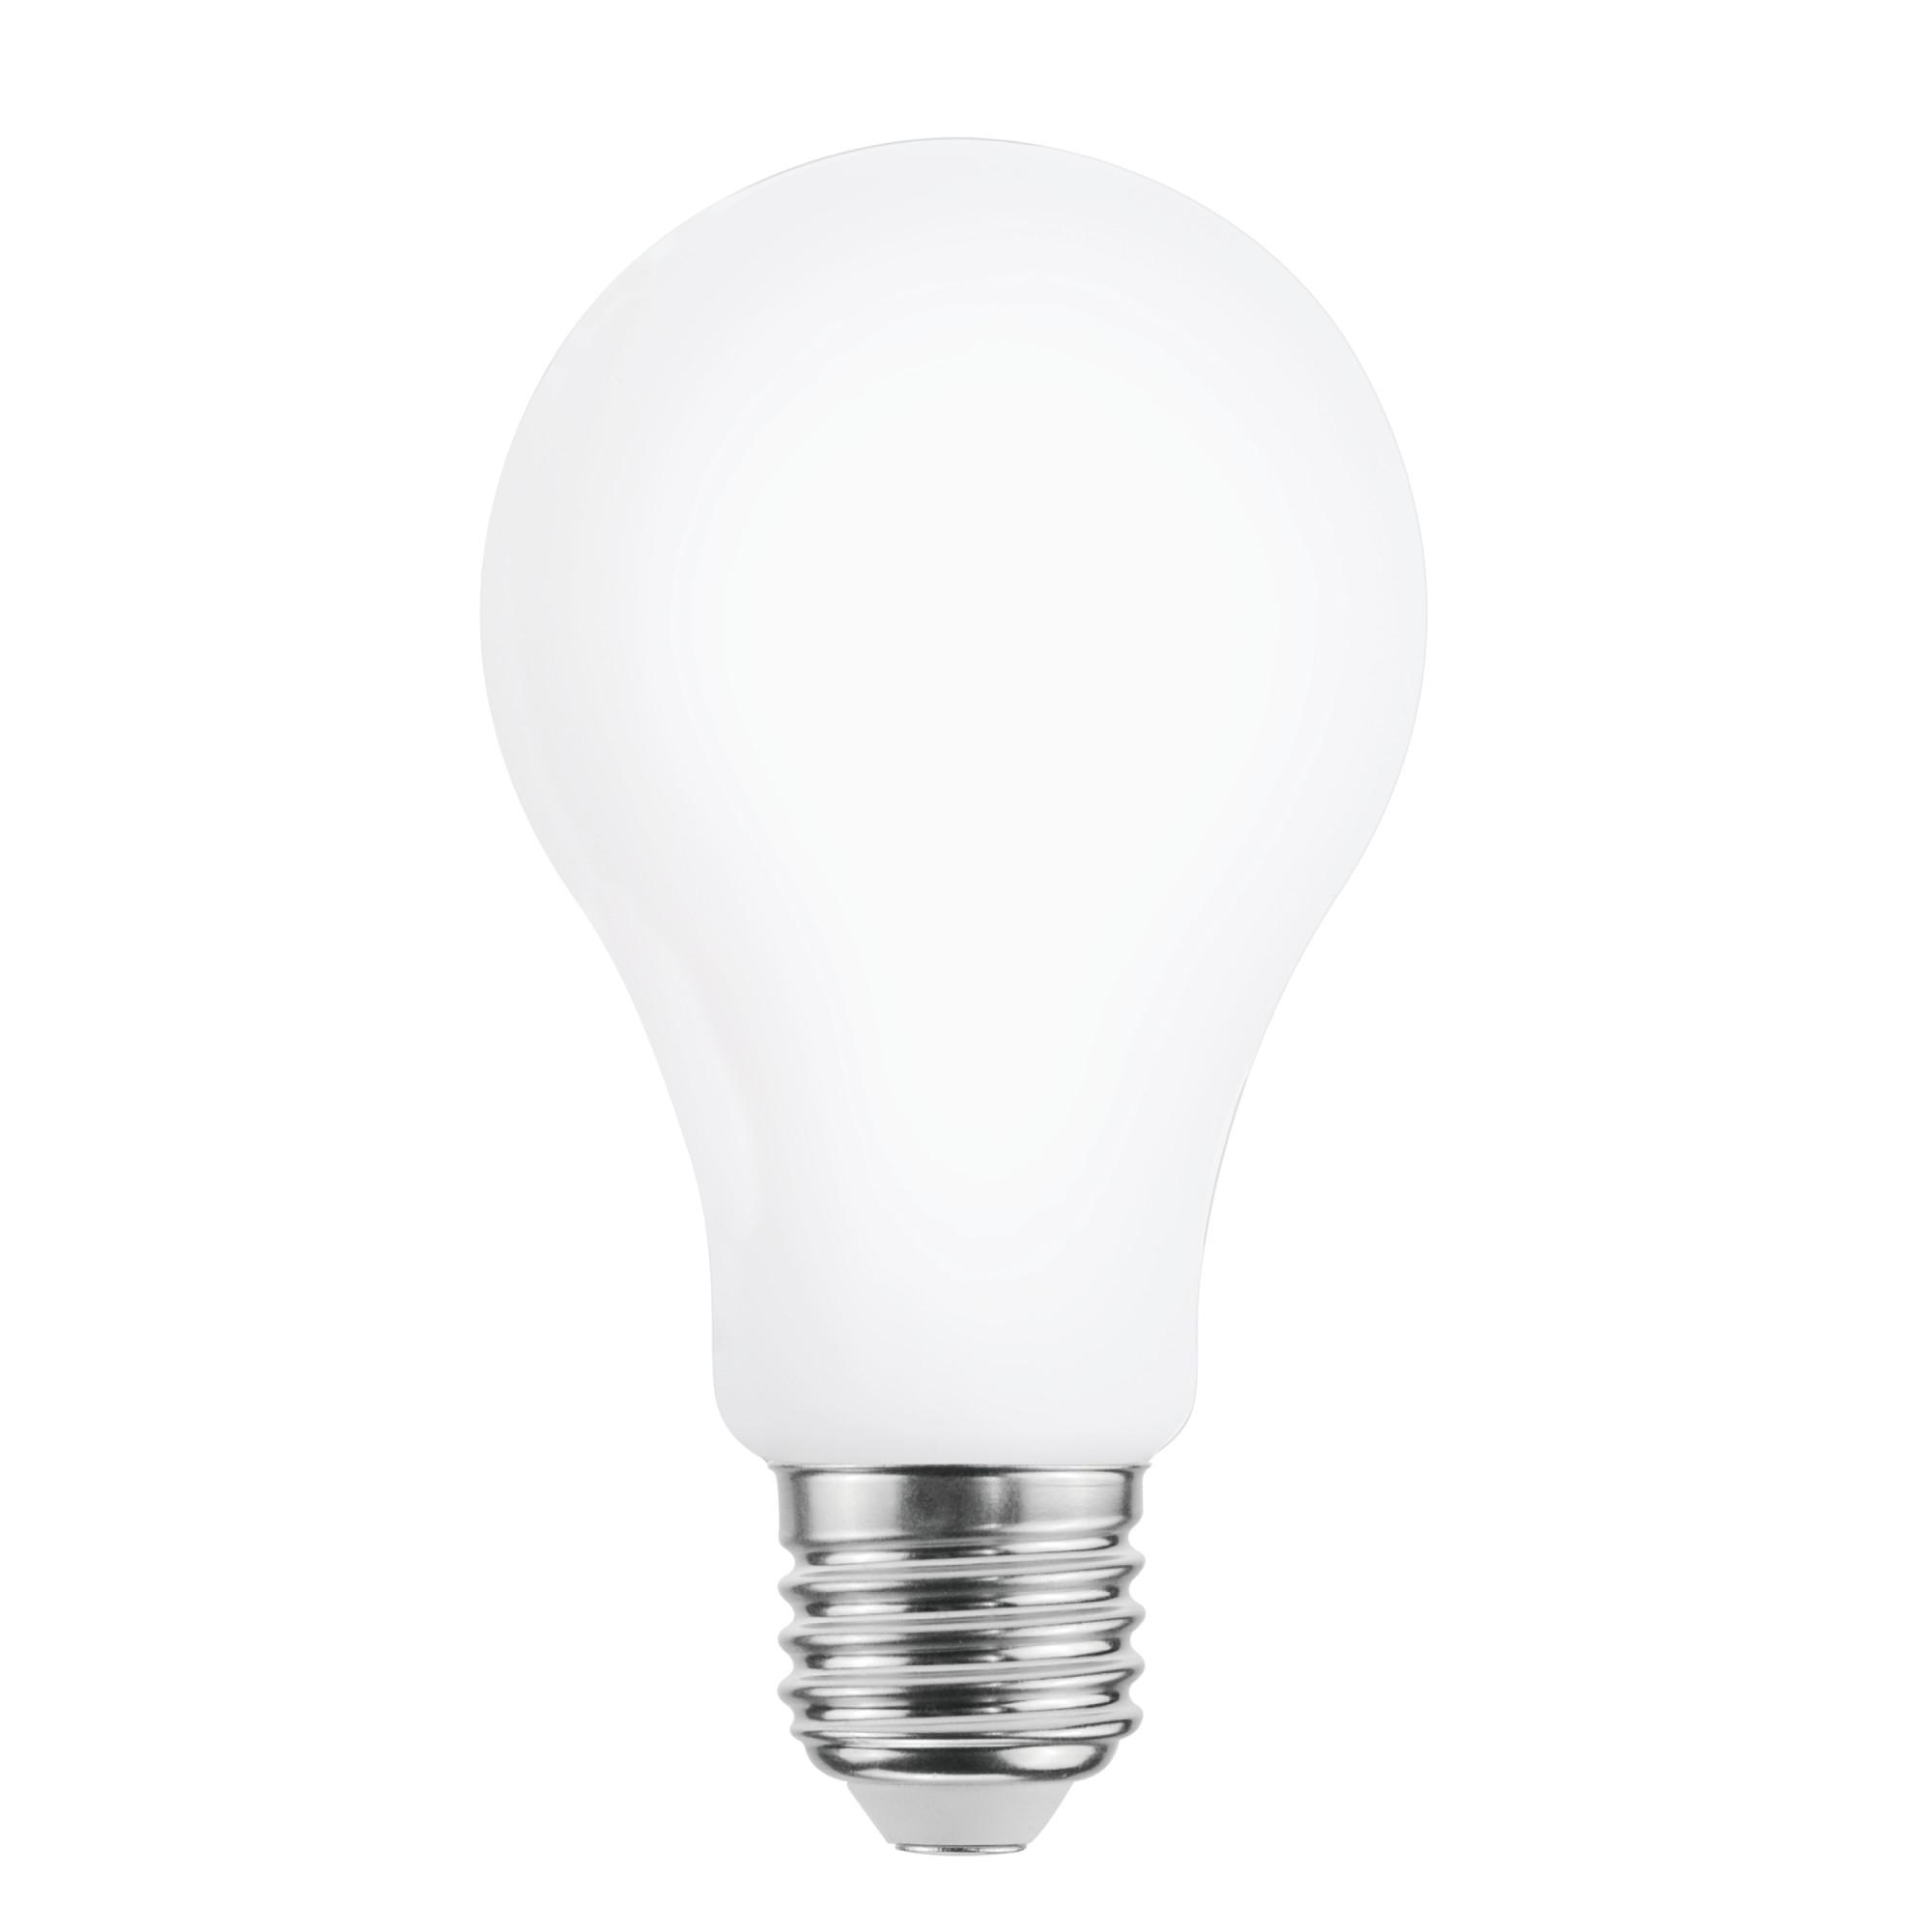 Лампа светодиодная филаментная Lexman E27 220 В 16 Вт шар матовый 2452 лм белый свет